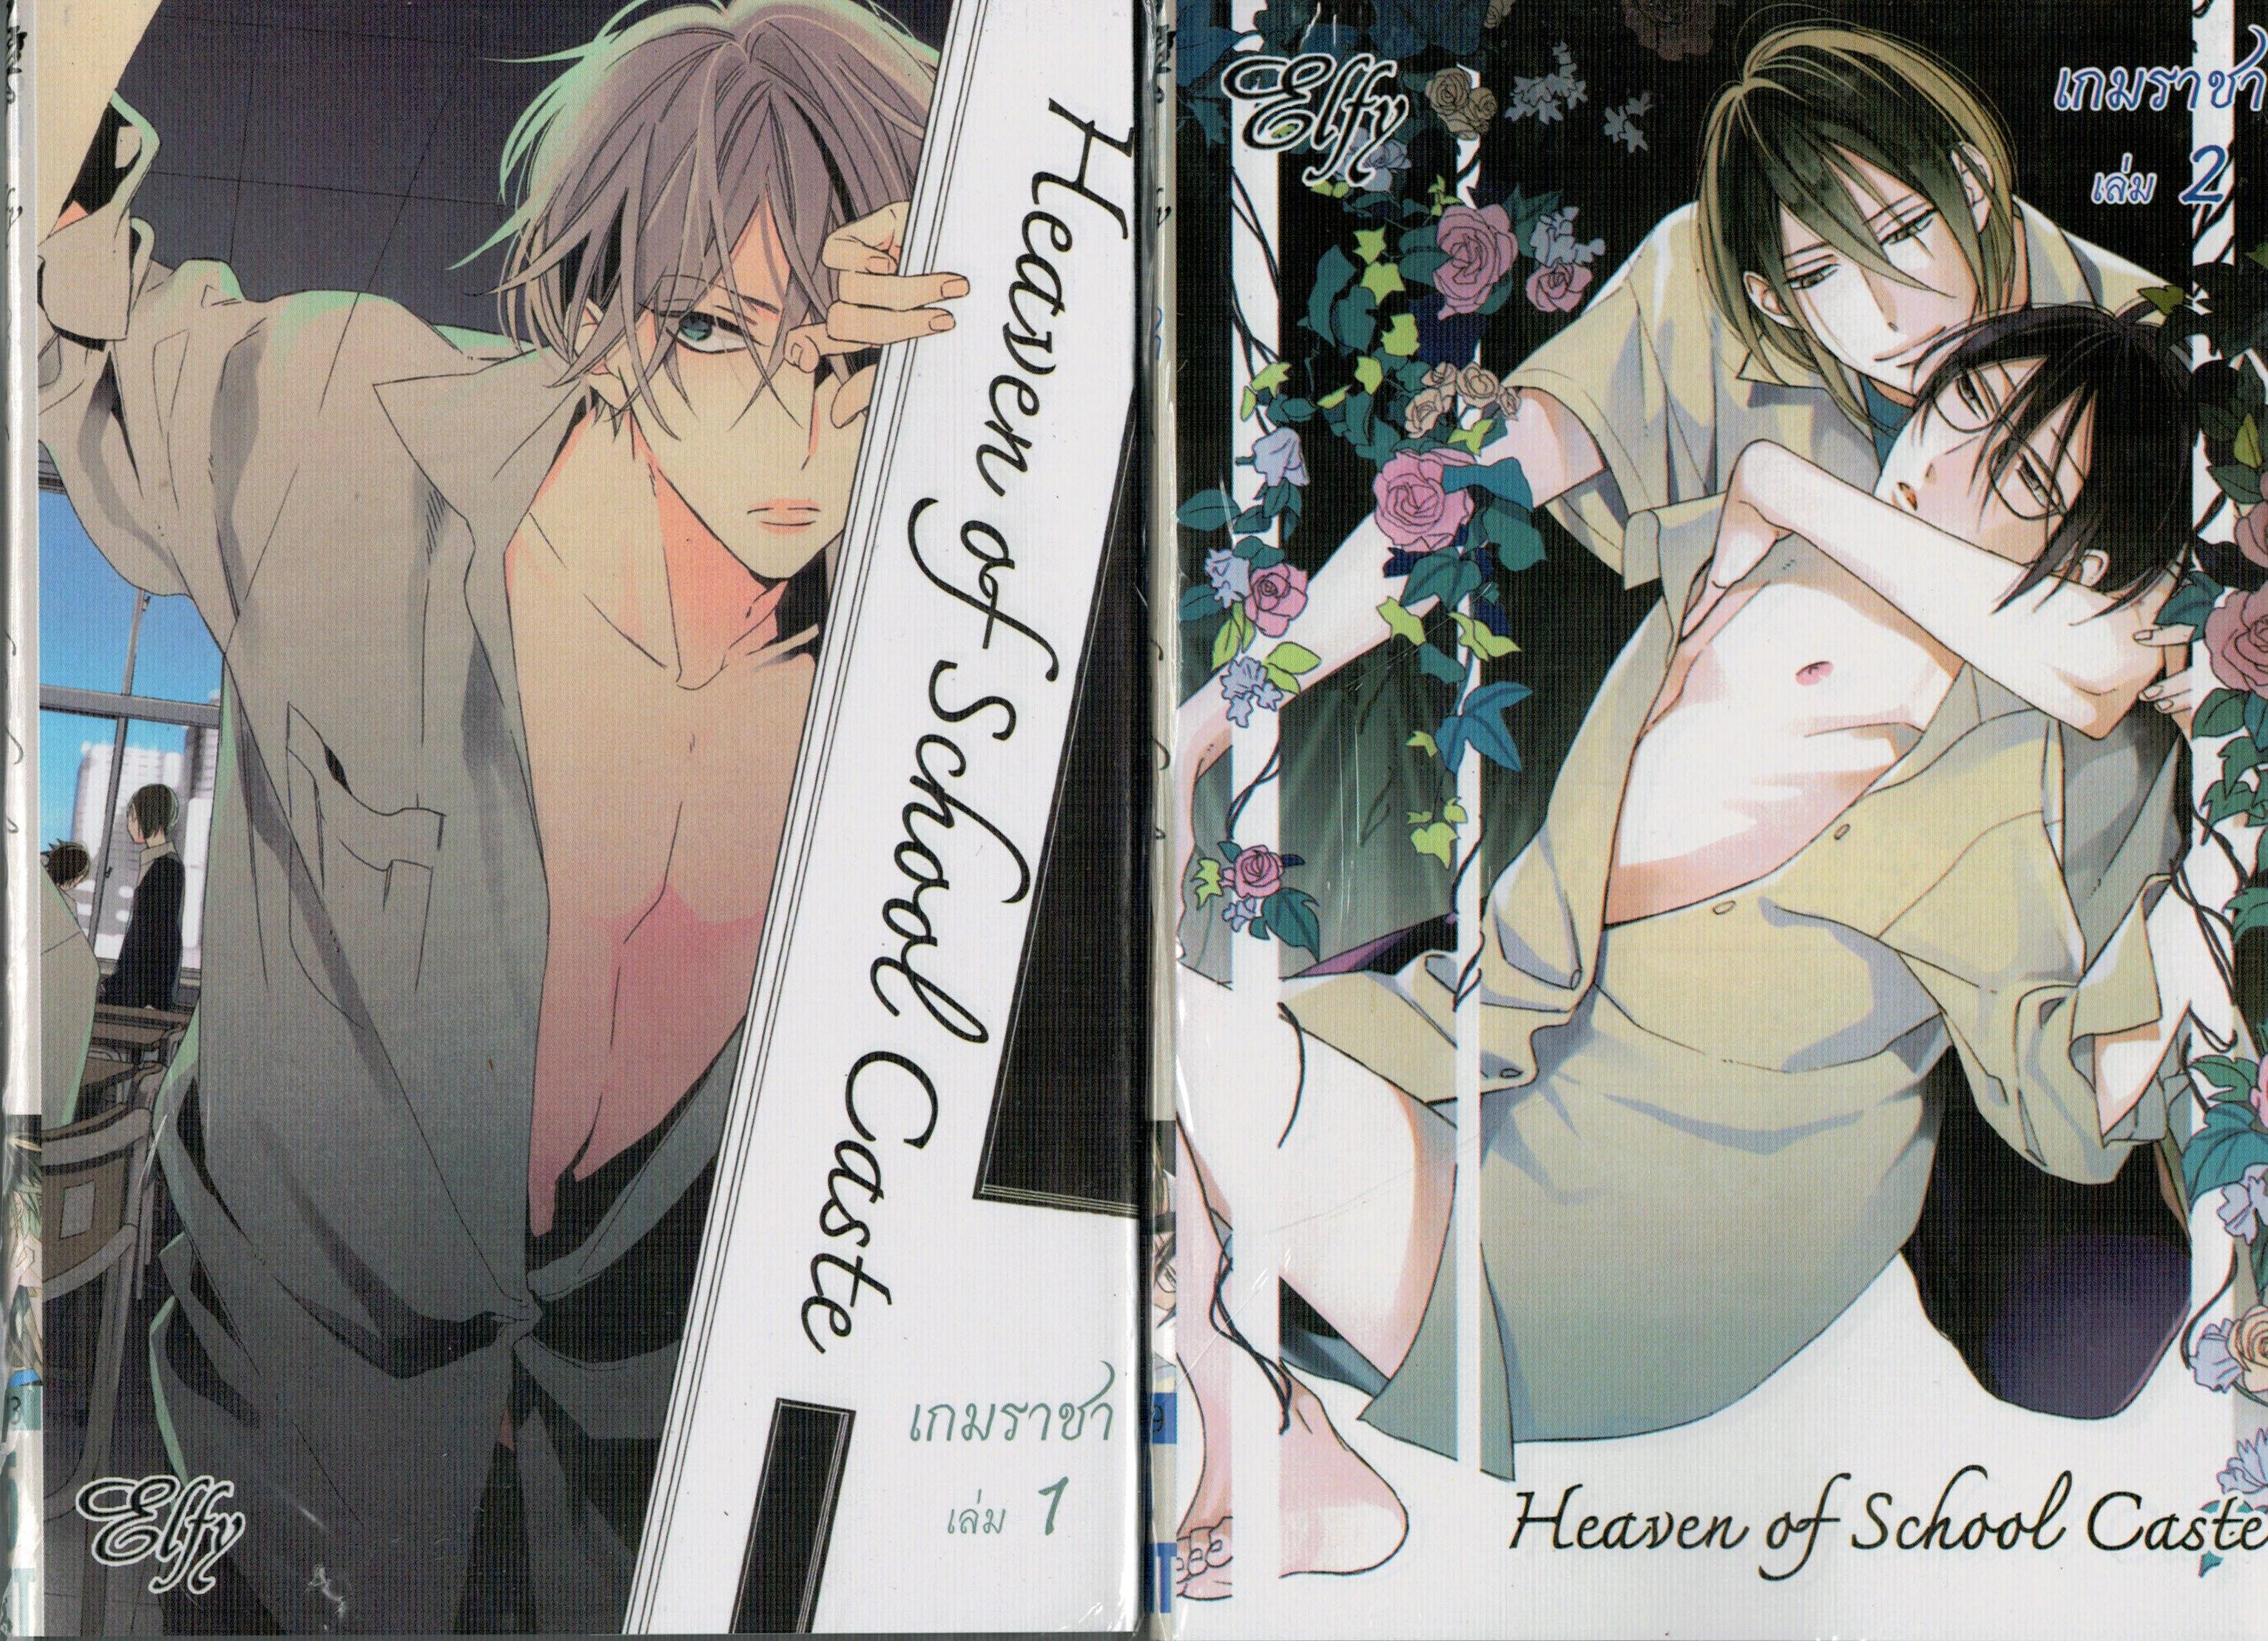 เกมราชา Heaven of school caste เล่ม 1-3 (ล่าสุด) : OGAWA Chise.